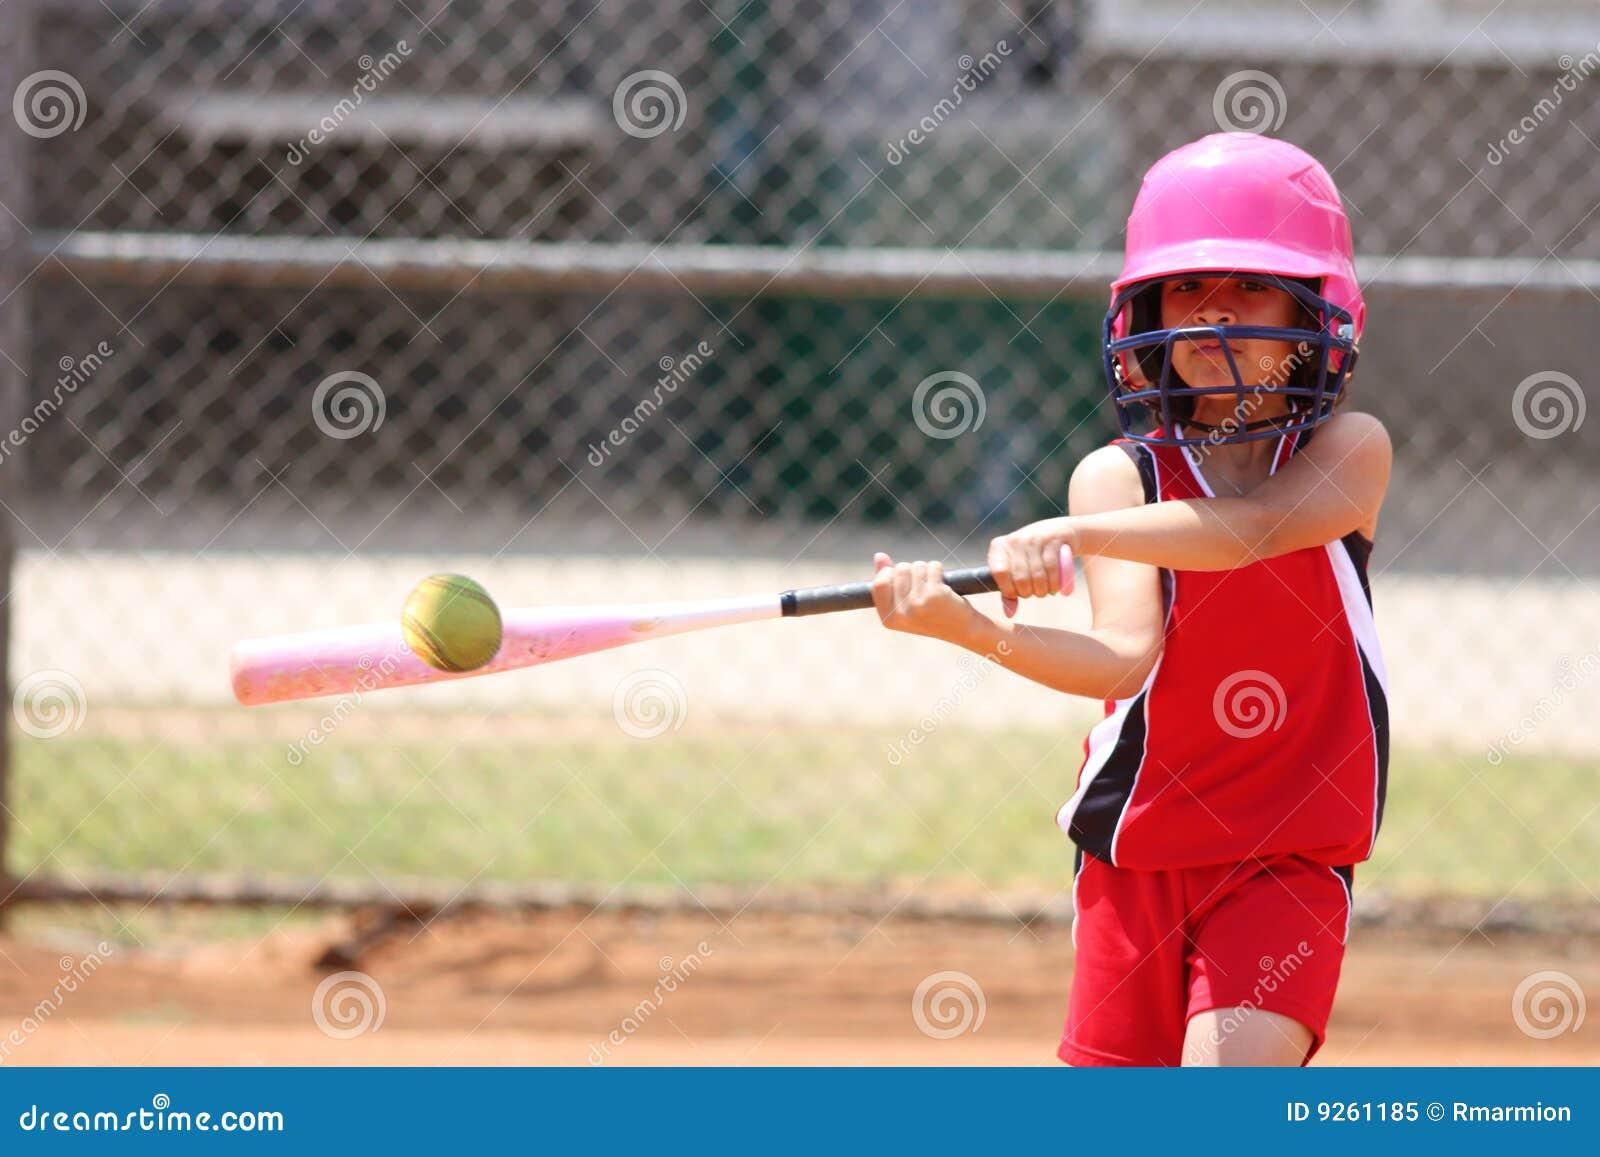 Dating a girl who plays softball